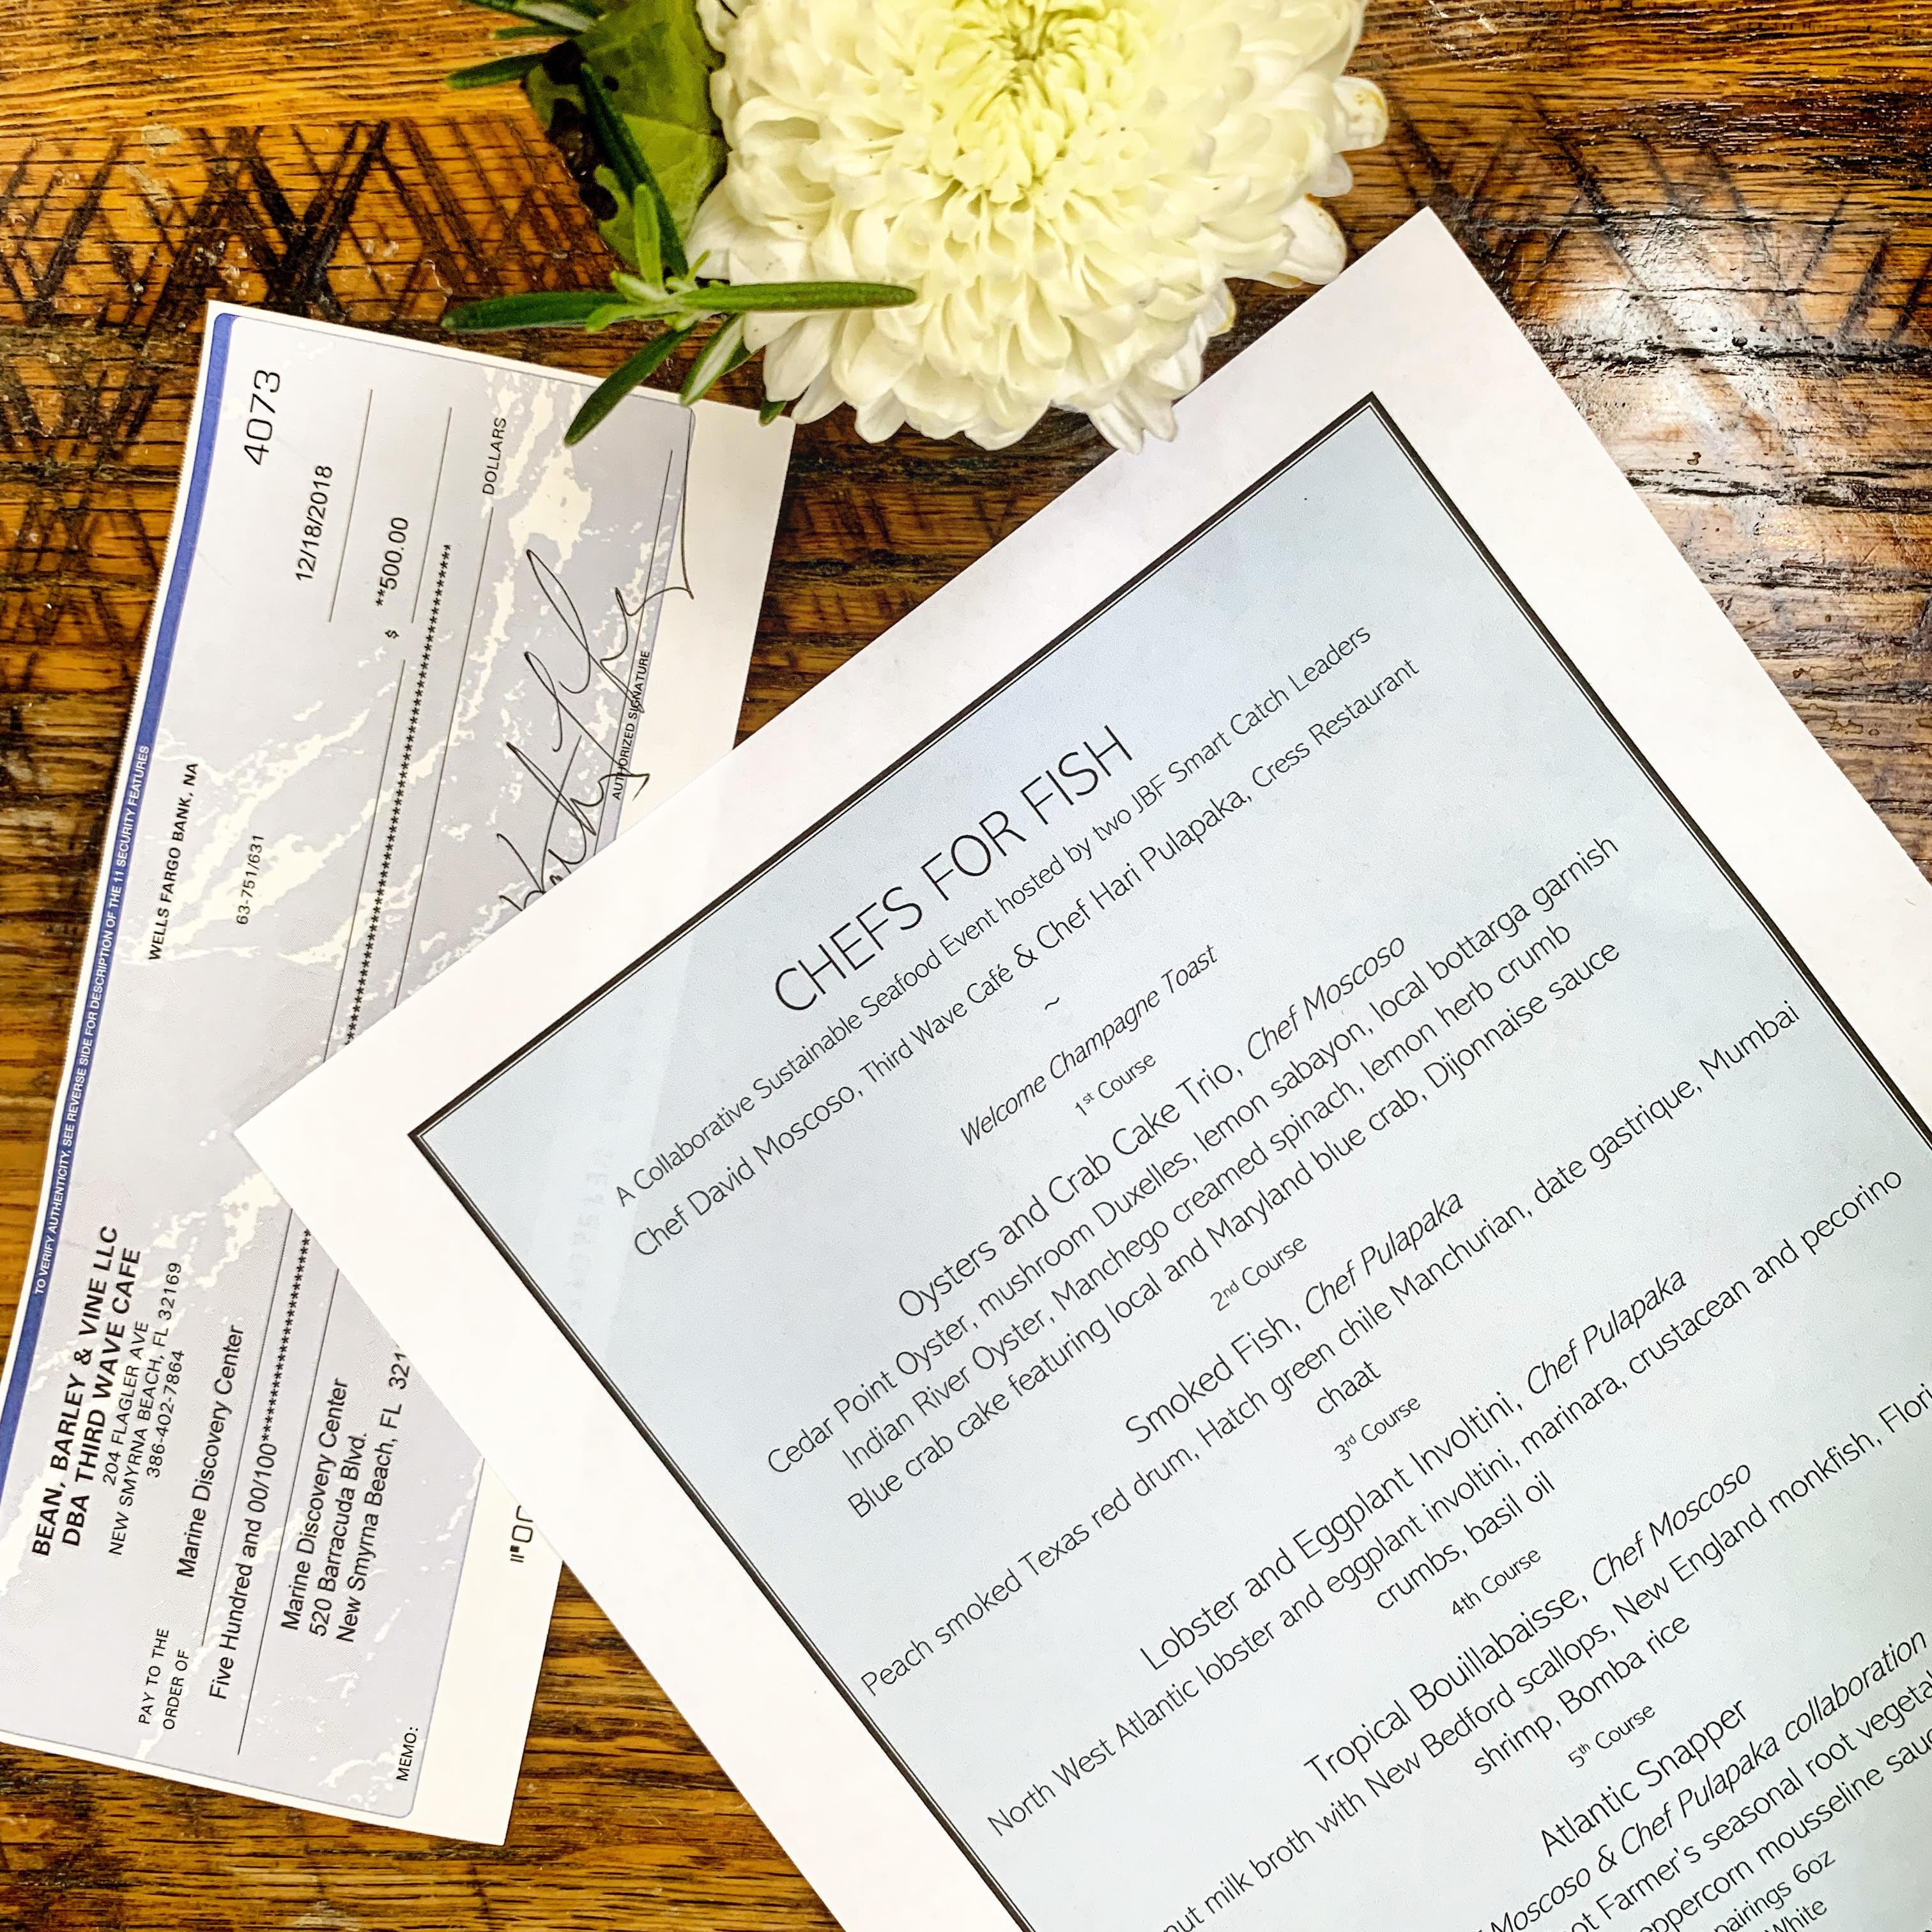 menu and check